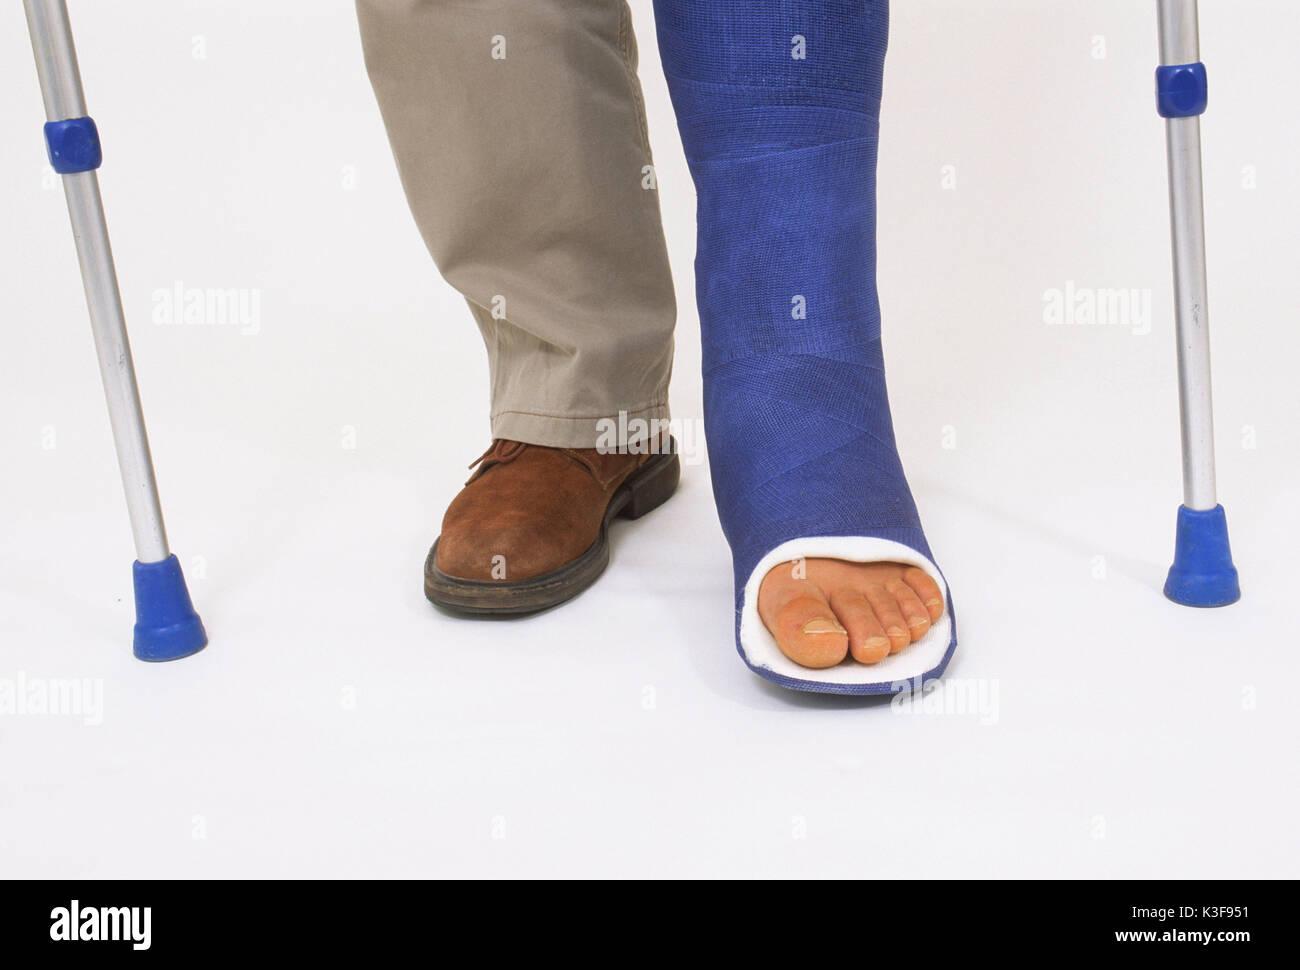 Mann geht mit Bein in Gips in Krücken Stockfoto, Bild